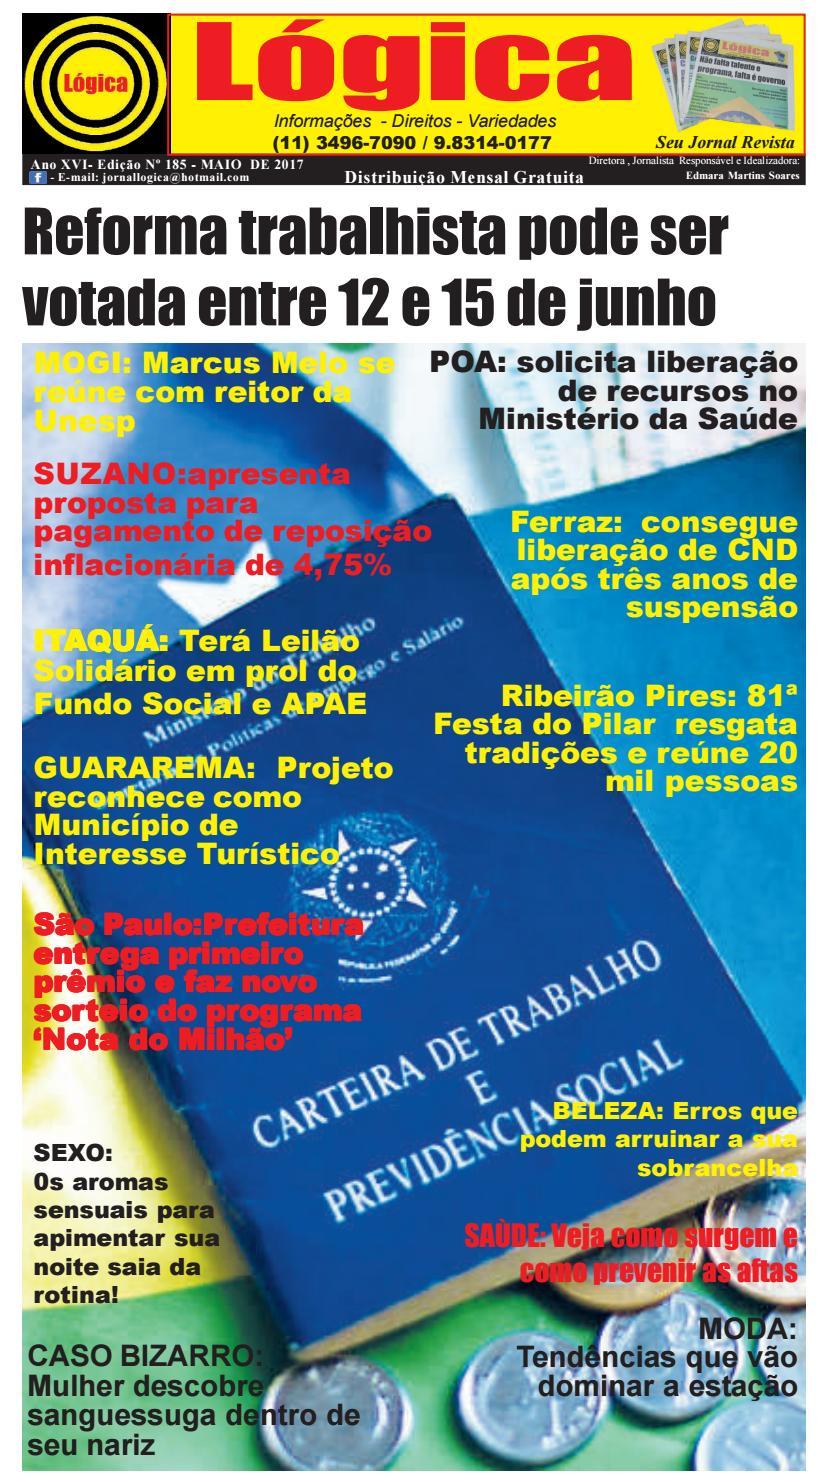 JORNAL LÓGICA MAIO 2017 - Ed 185 by fabiodoll - issuu 64f70b4965